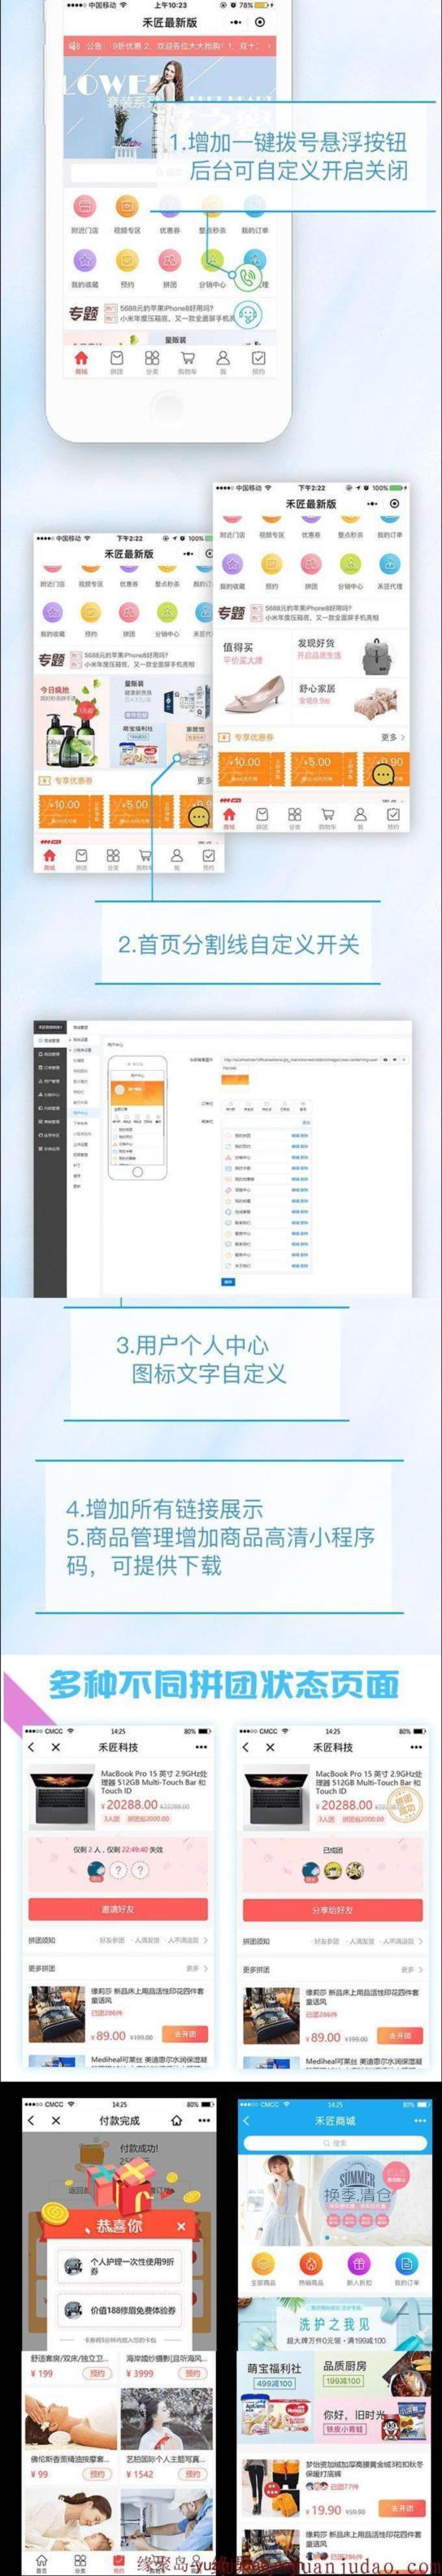 禾匠小程序商城独立站点版源码.3.1.20商业版,diy小程序分销商城